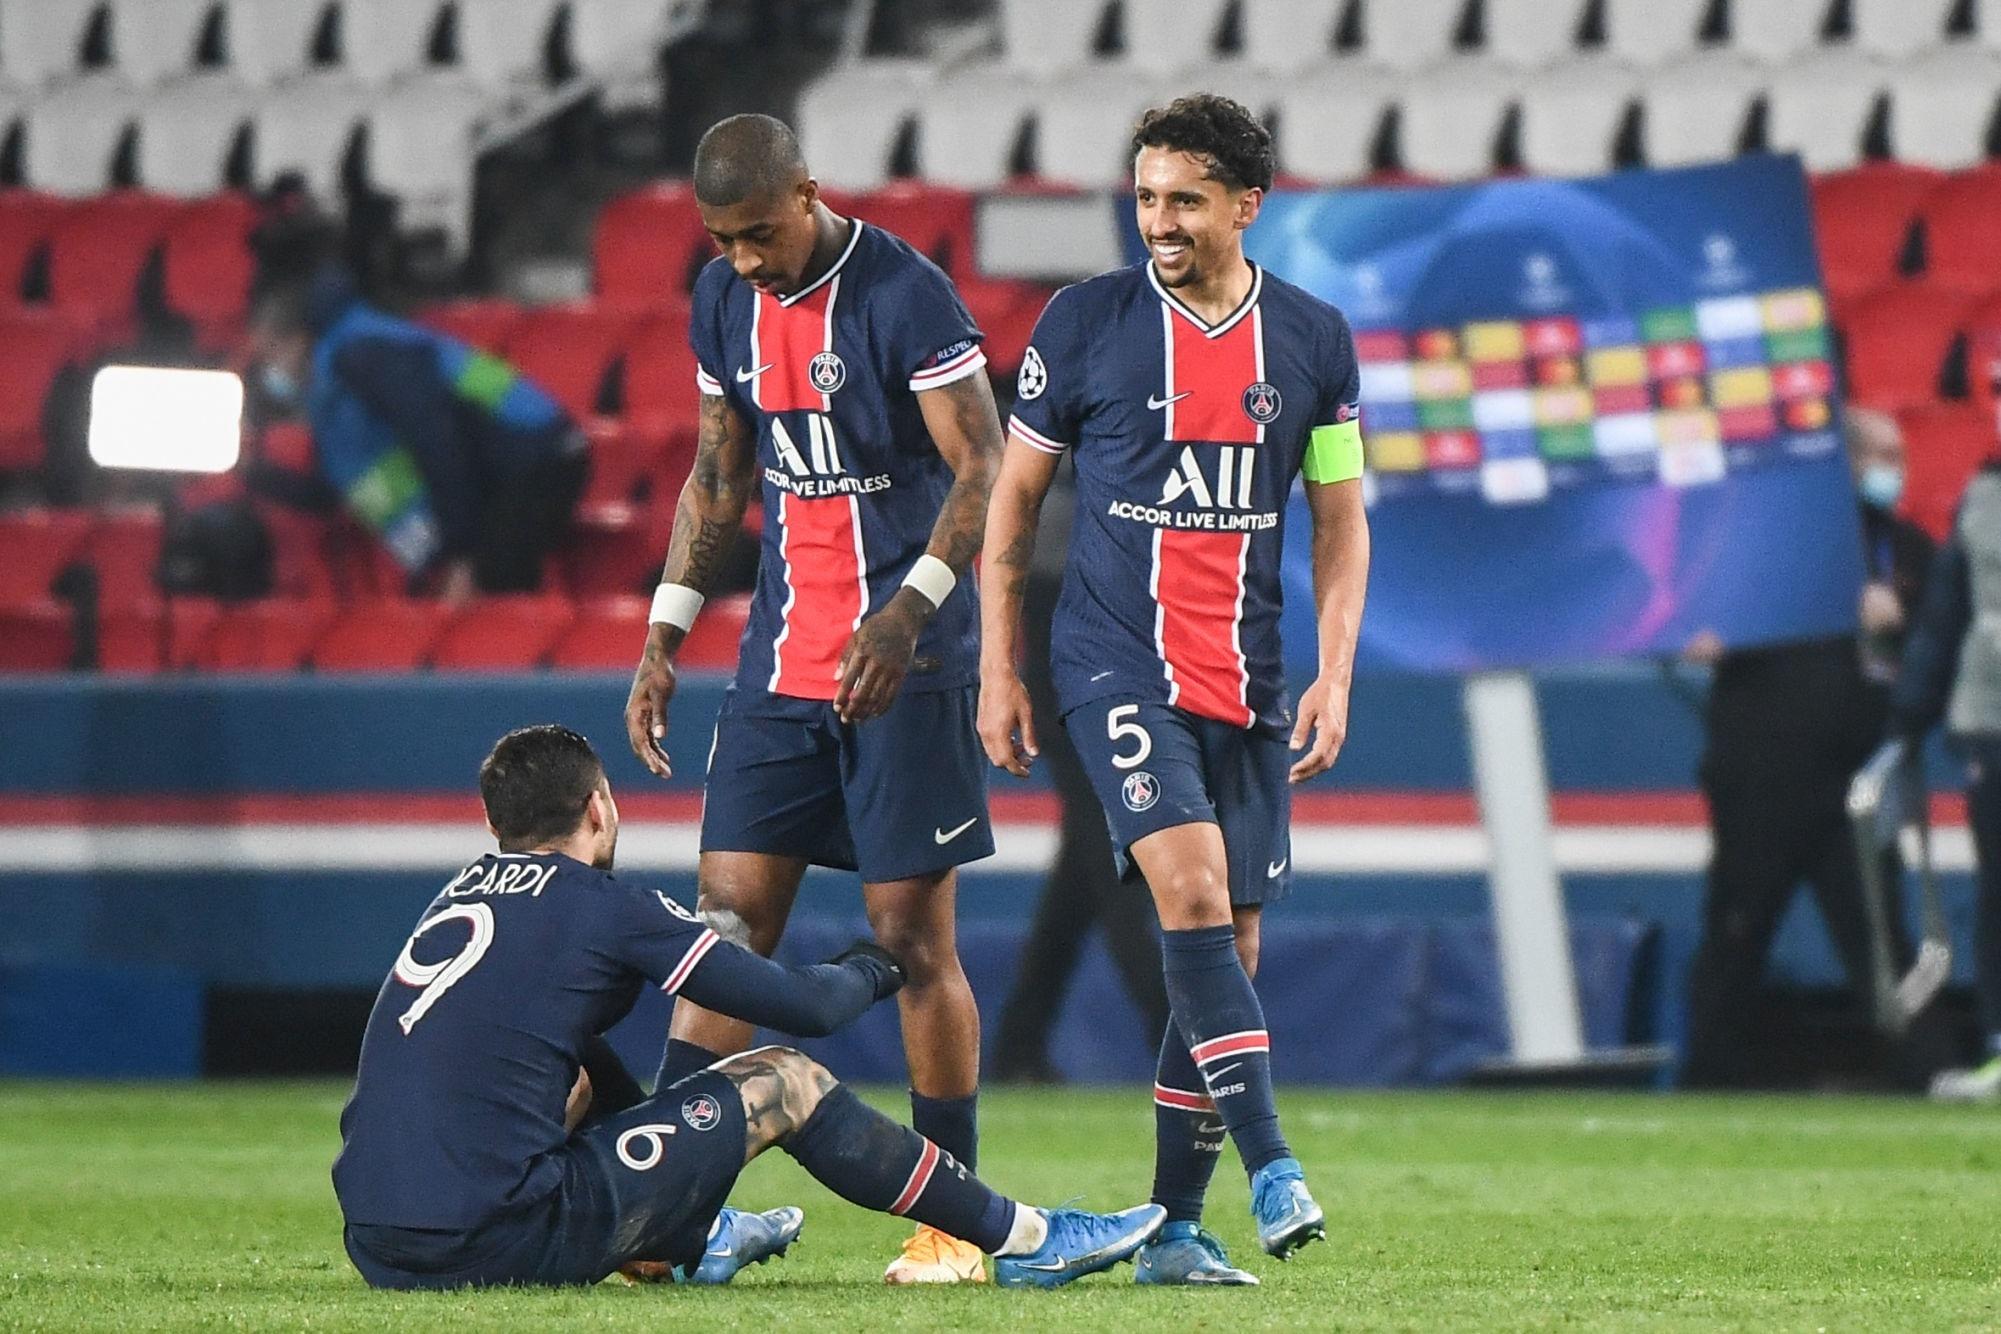 PSG/Barcelone - Que retenez-vous de la qualification des Parisiens ?